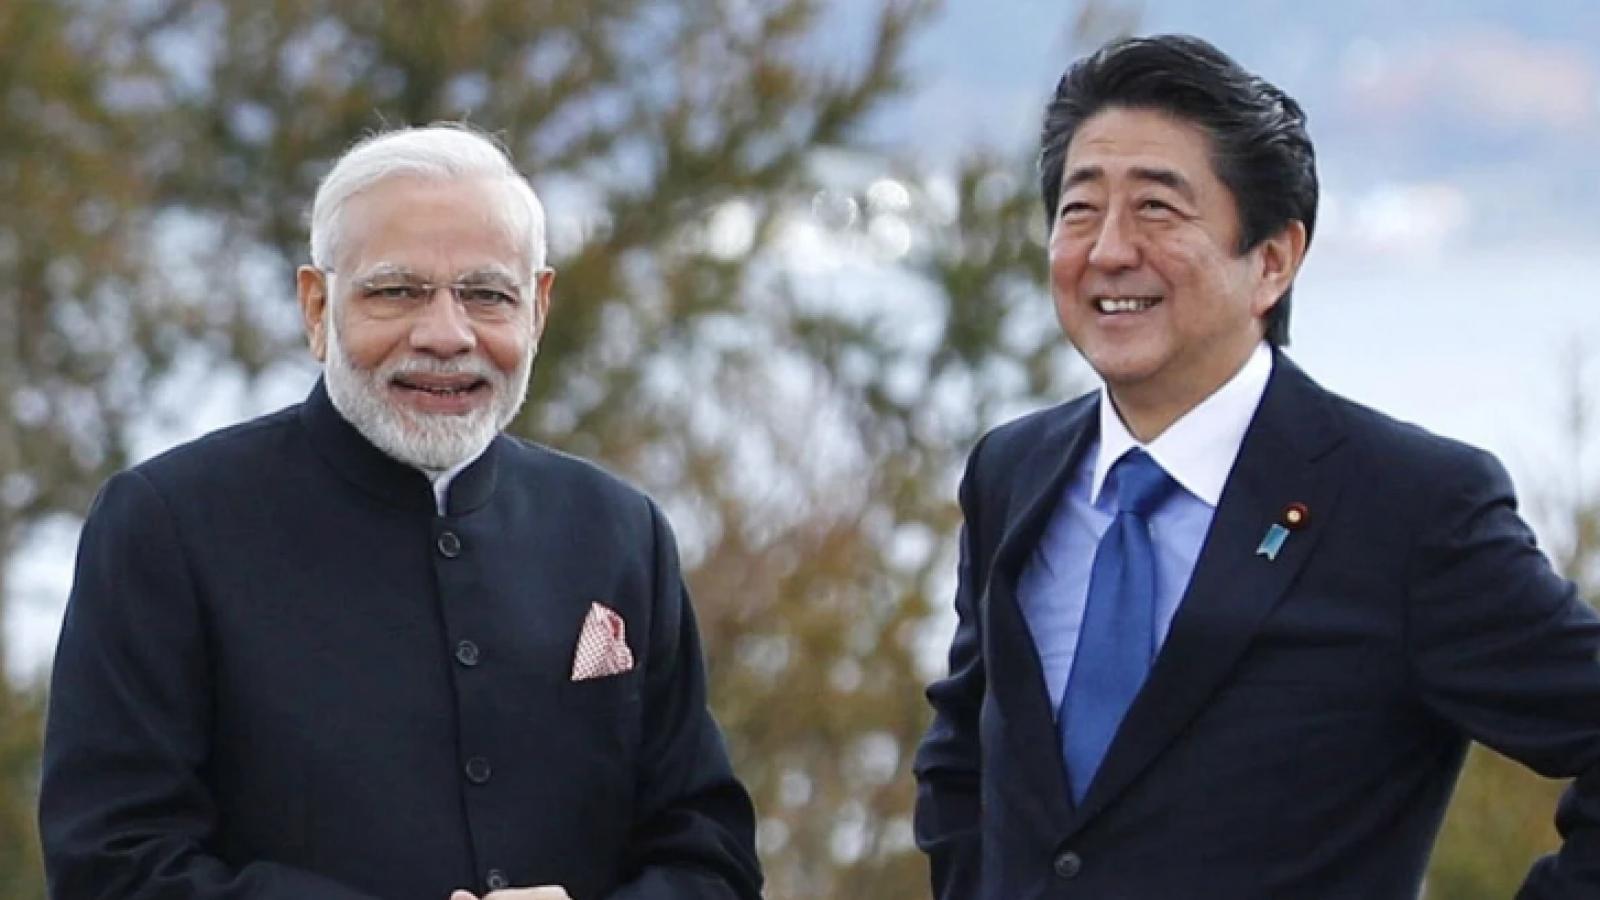 Thủ tướng Ấn Độ và Nhật Bản thảo luận về an ninh hàng hải trước thềm thượng đỉnh Quad